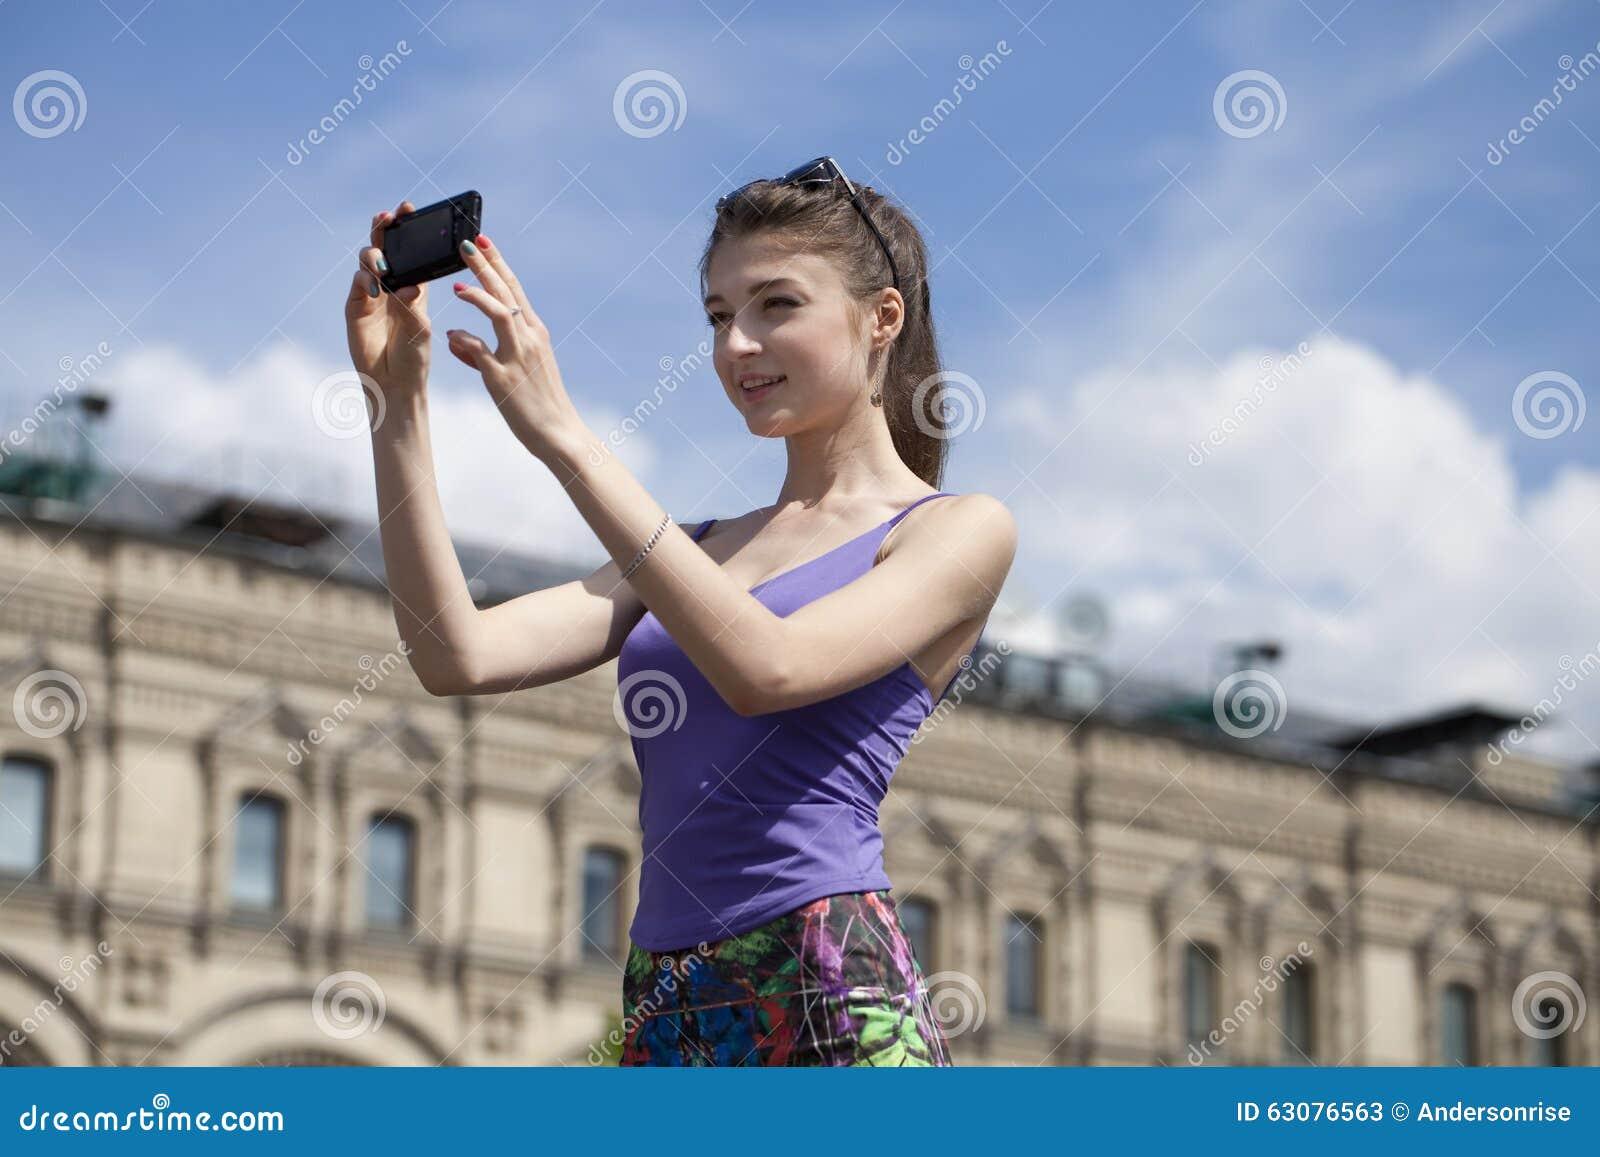 Download Jeune Femme Prenant Des Photos à Votre Téléphone Image stock - Image du beau, cellule: 63076563